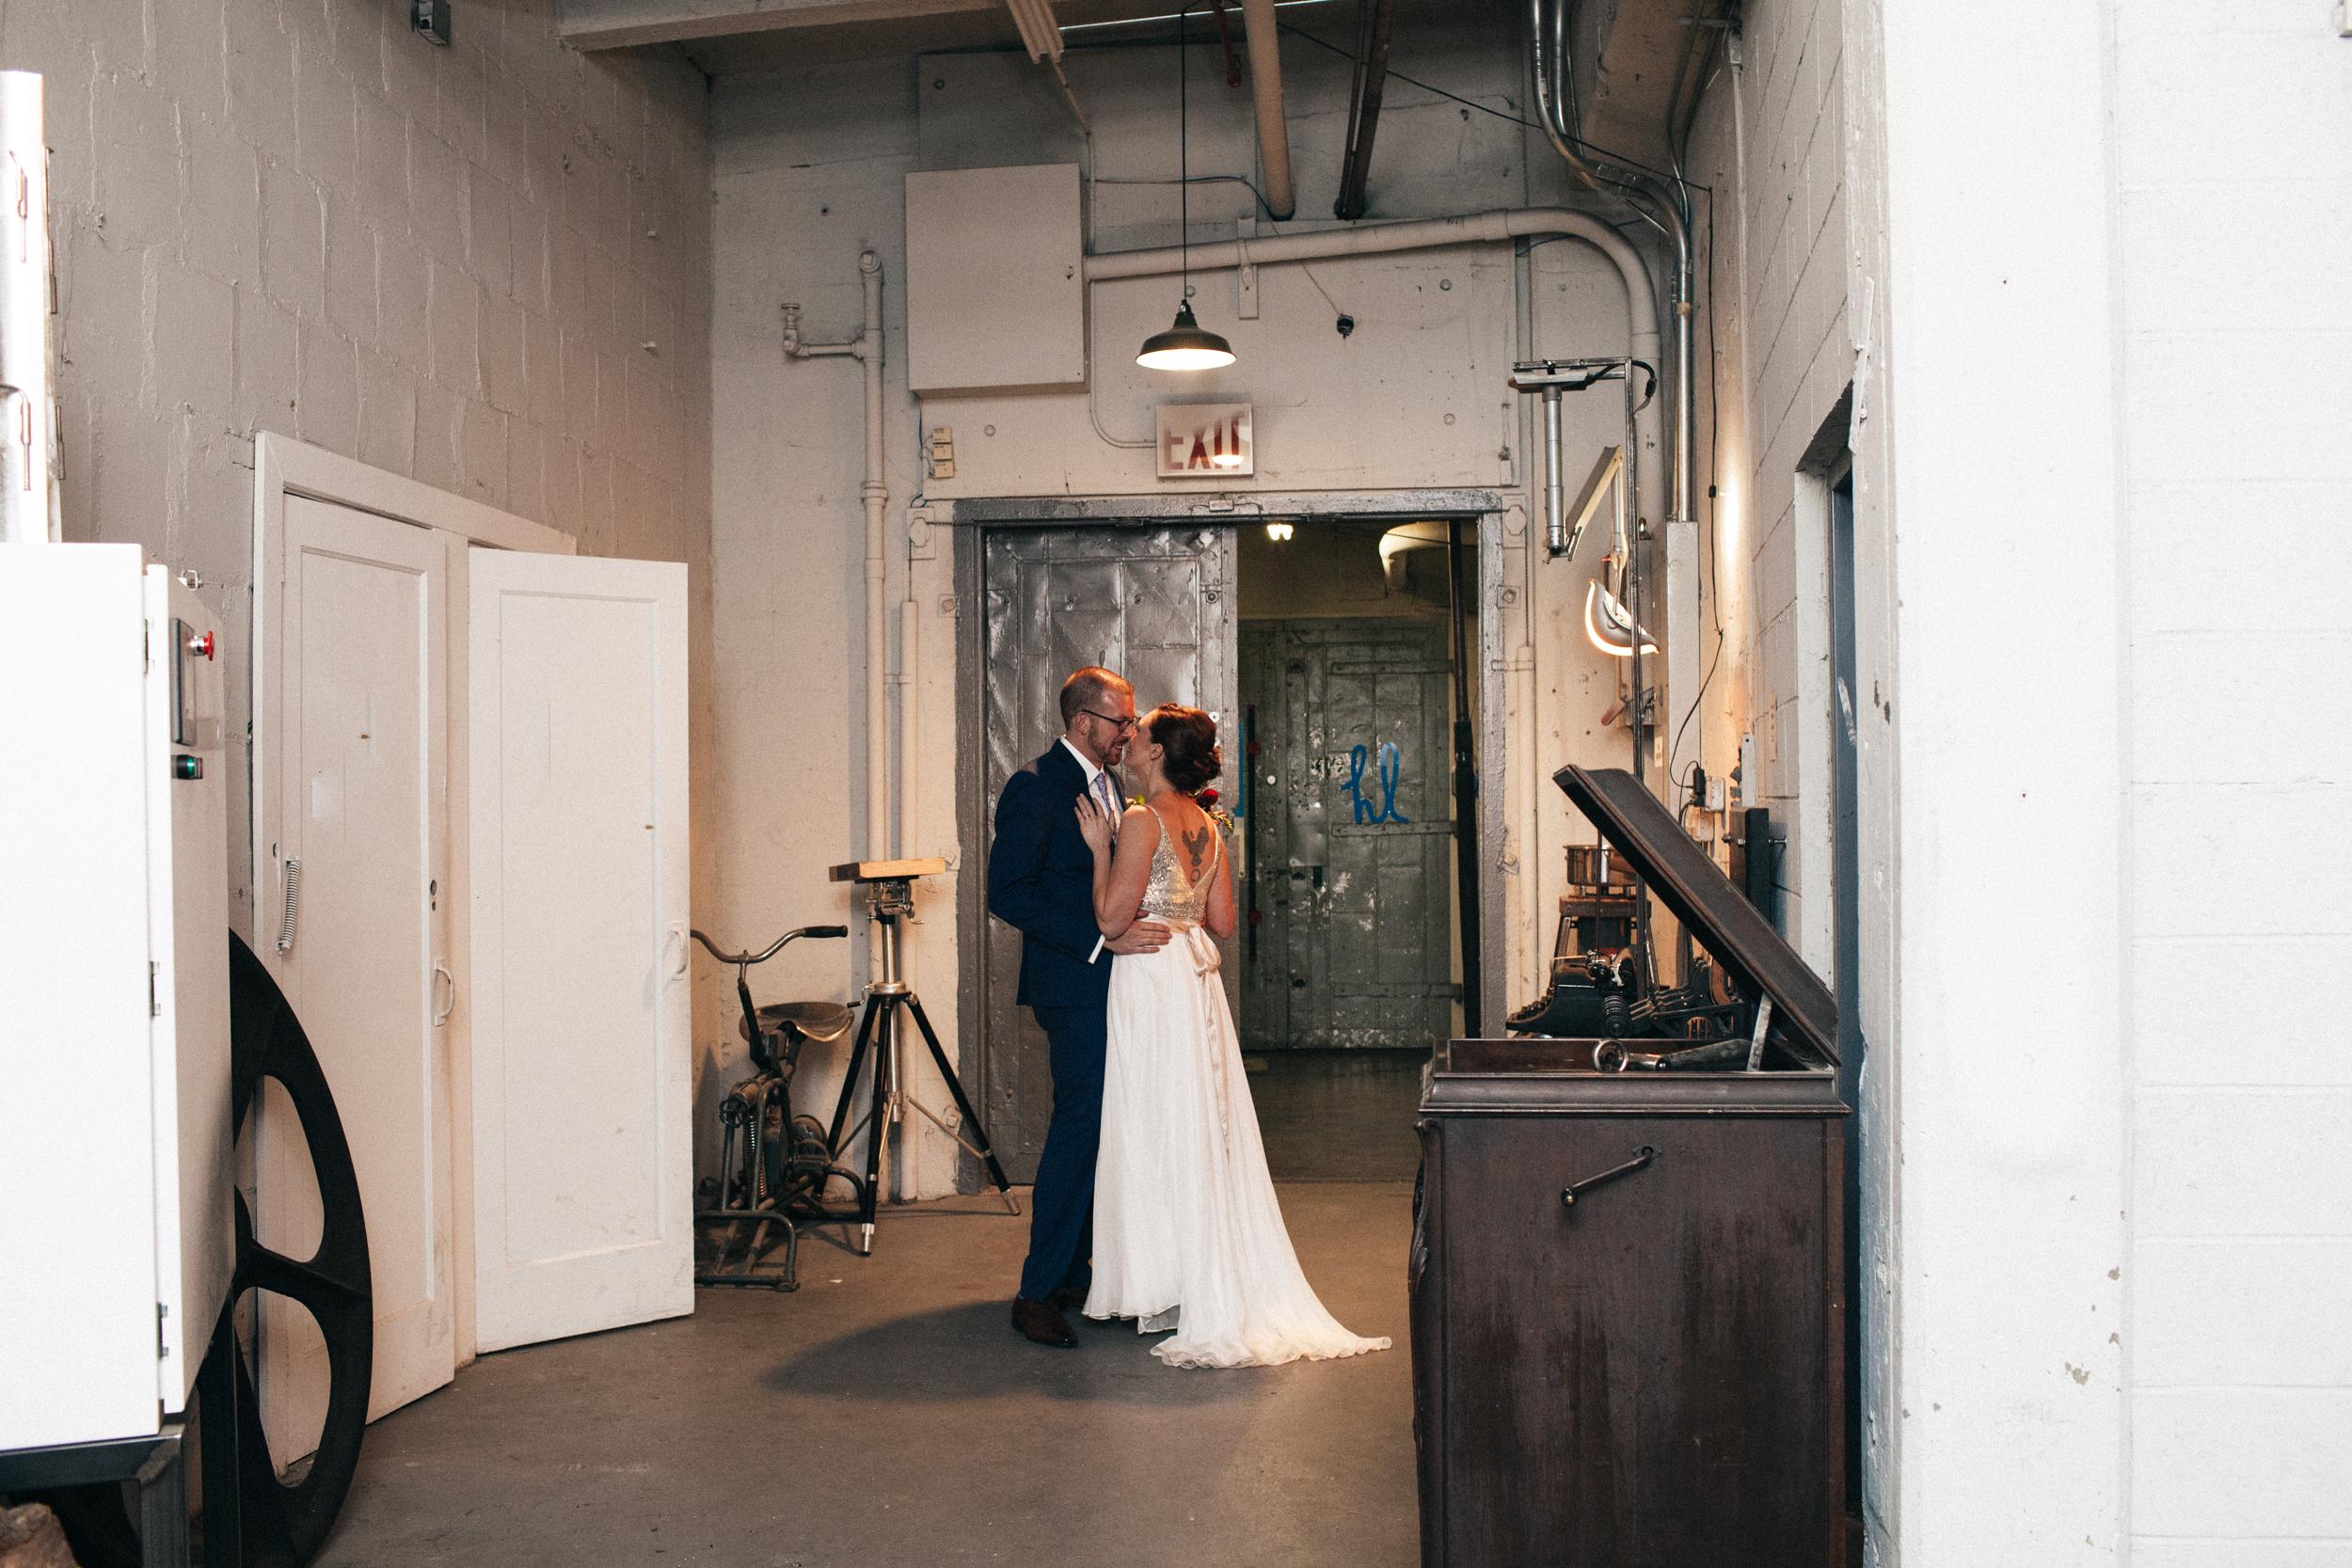 brooklynindustrialweddingphotographer